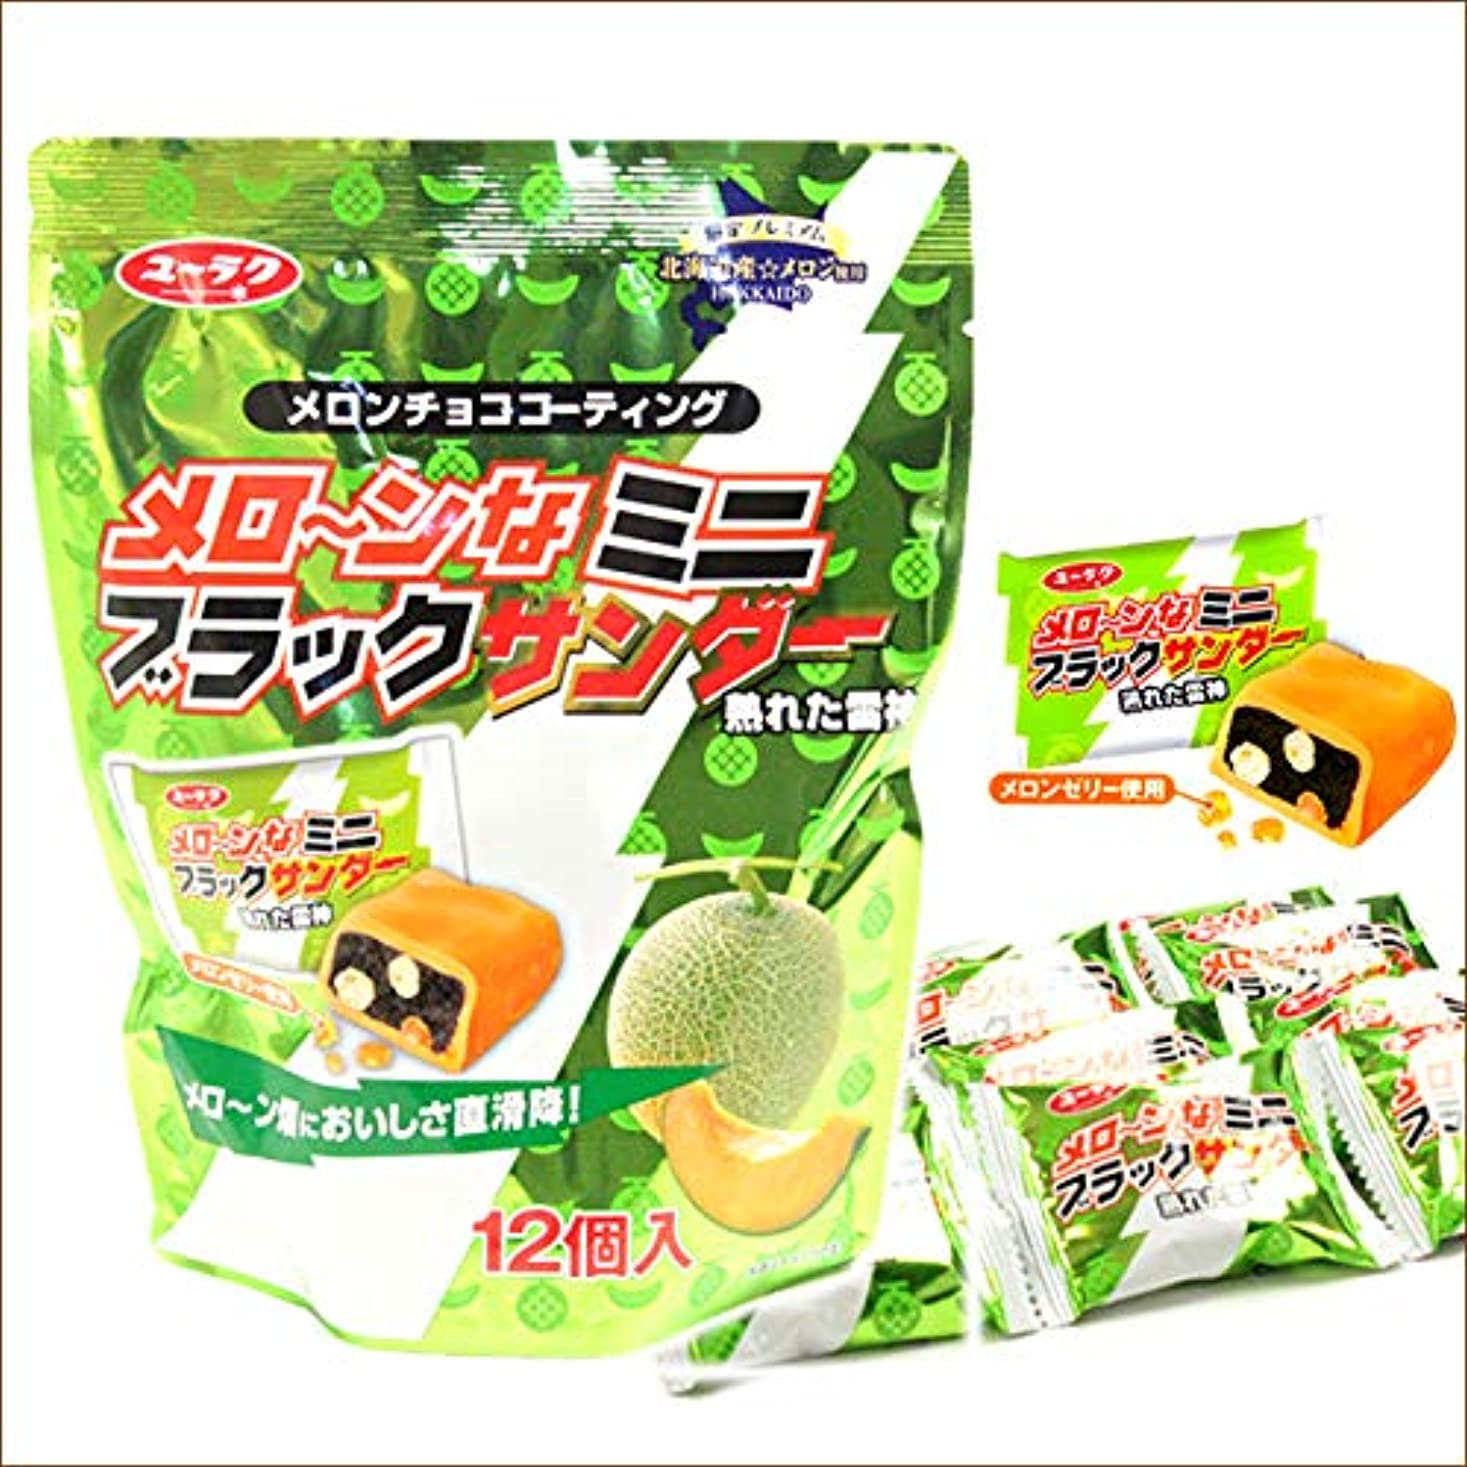 変装した証明書ナビゲーション北海道限定 メロ~ンなブラックサンダー ミニサイズ(1袋 12個入り) 有楽製菓